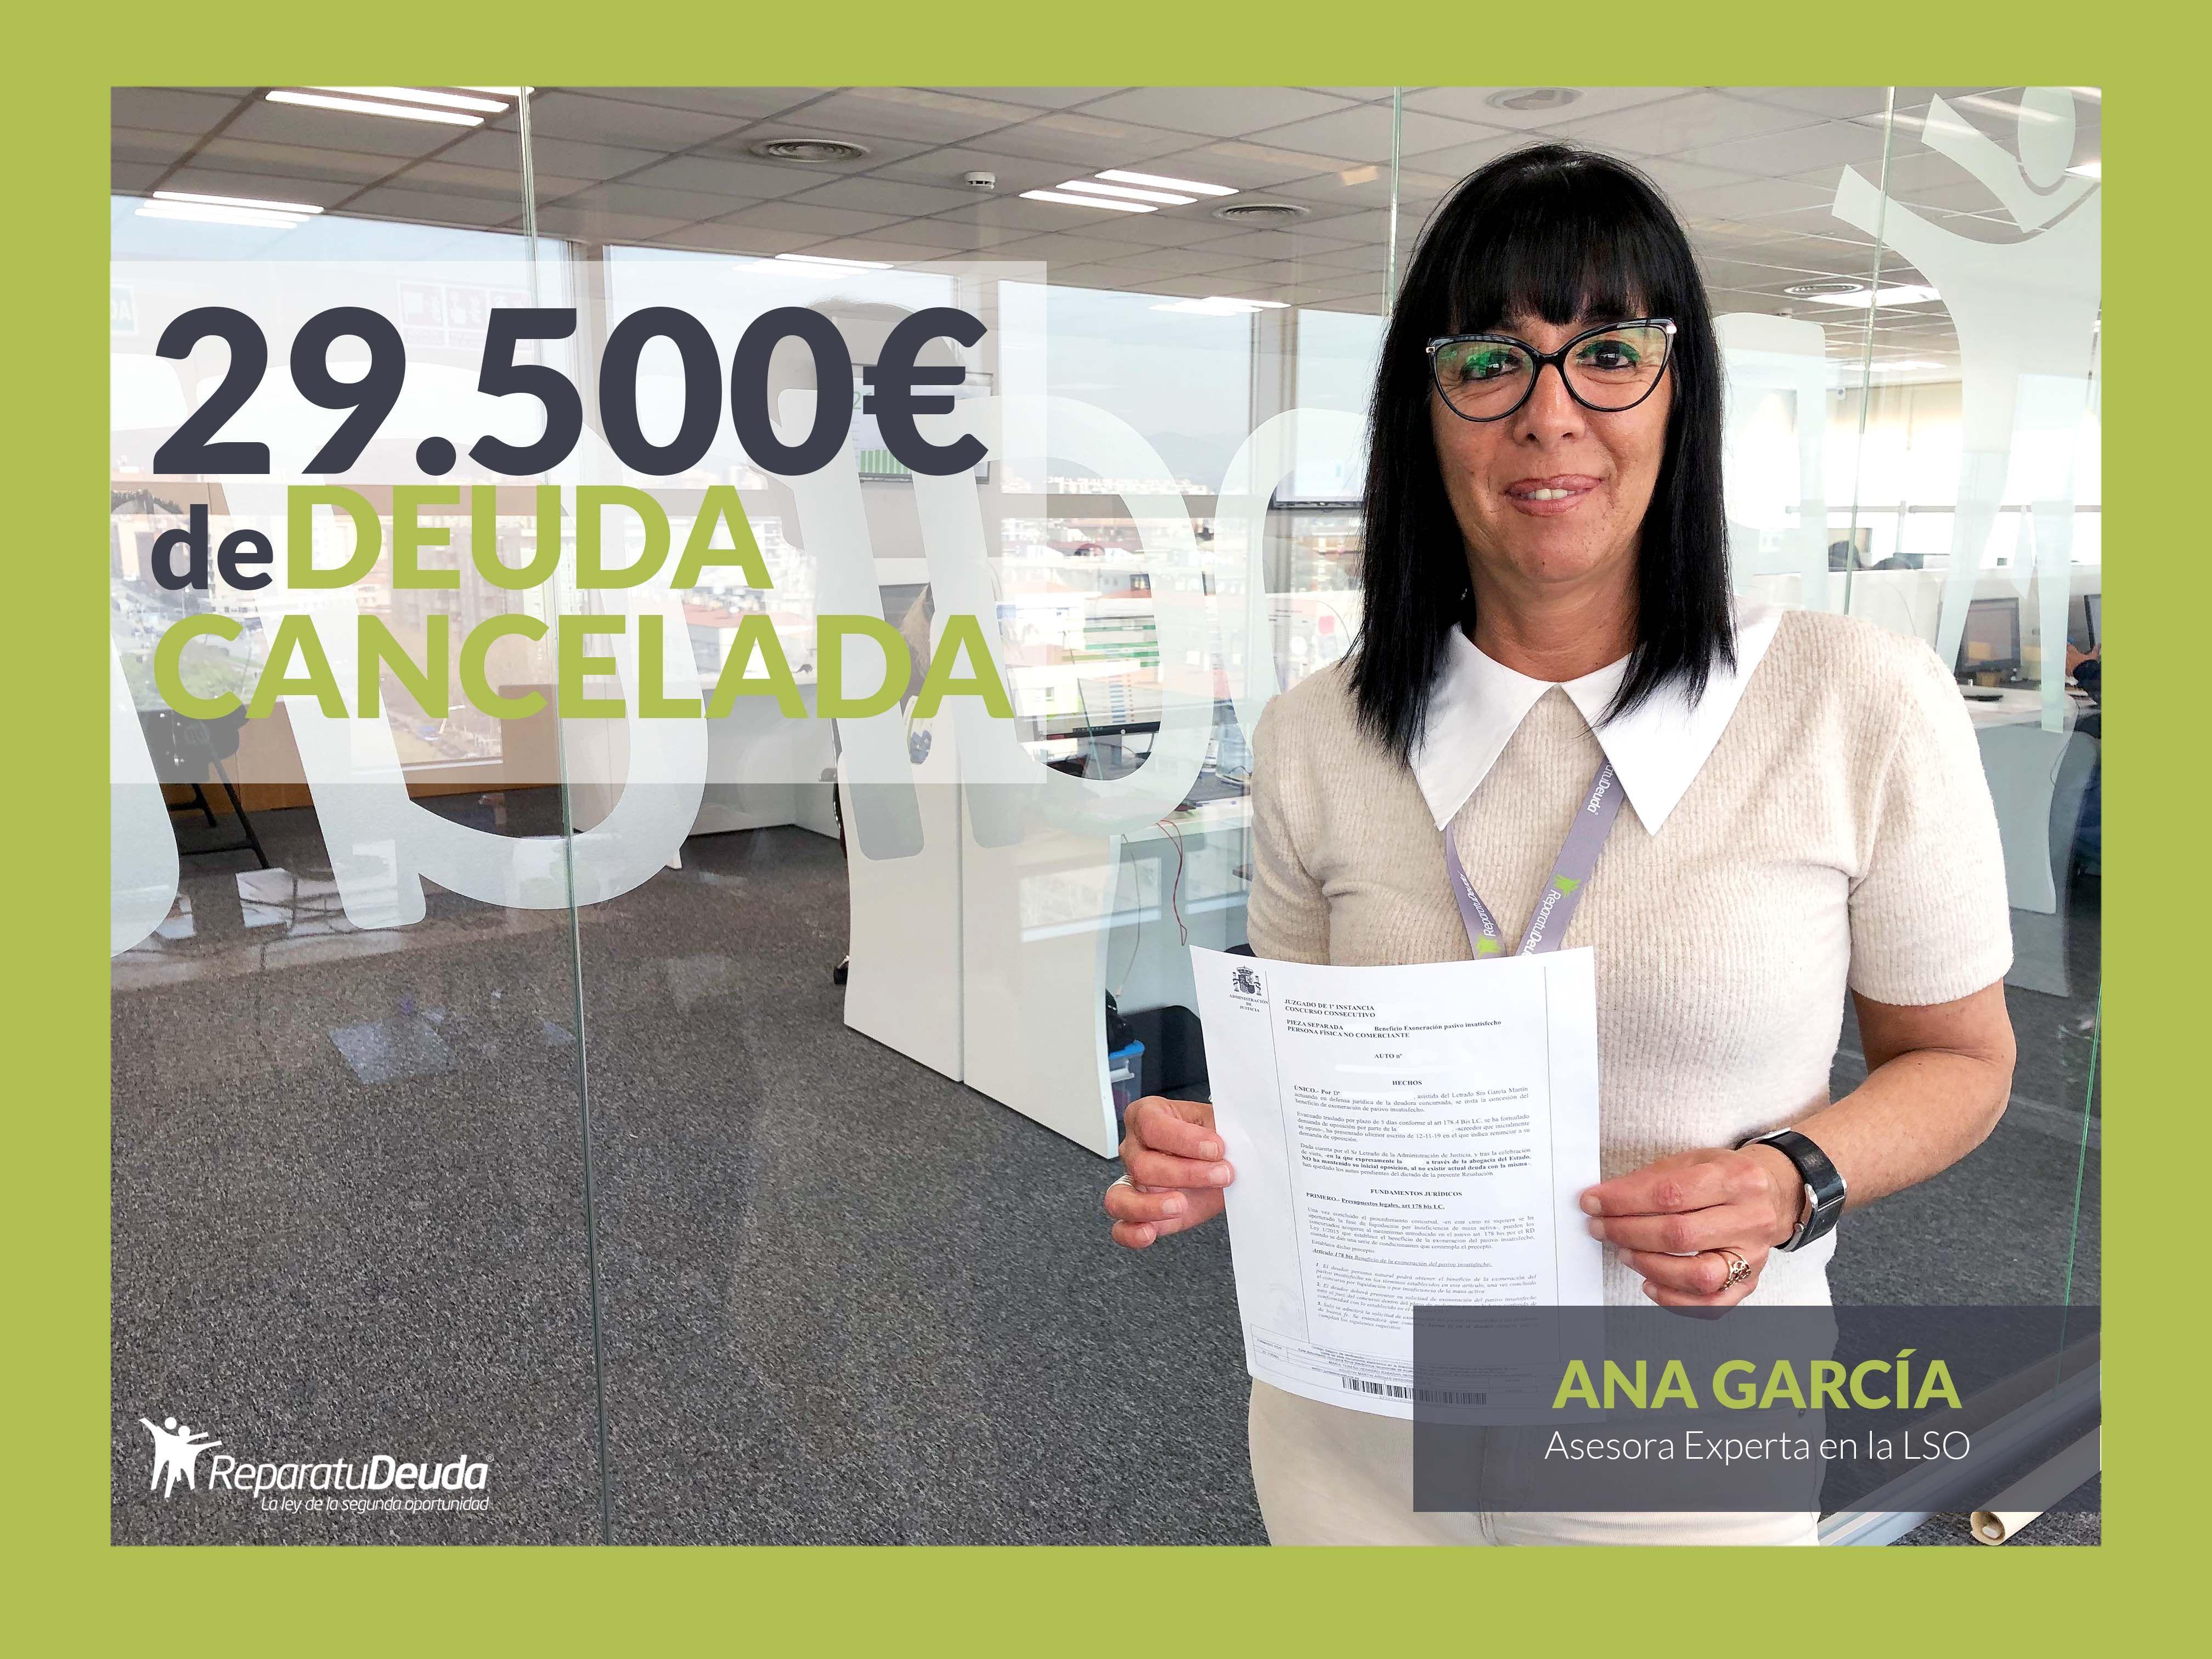 Repara tu Deuda Abogados cancela 29.500 ? de deuda en Guadalajara con la Ley de Segunda Oportunidad